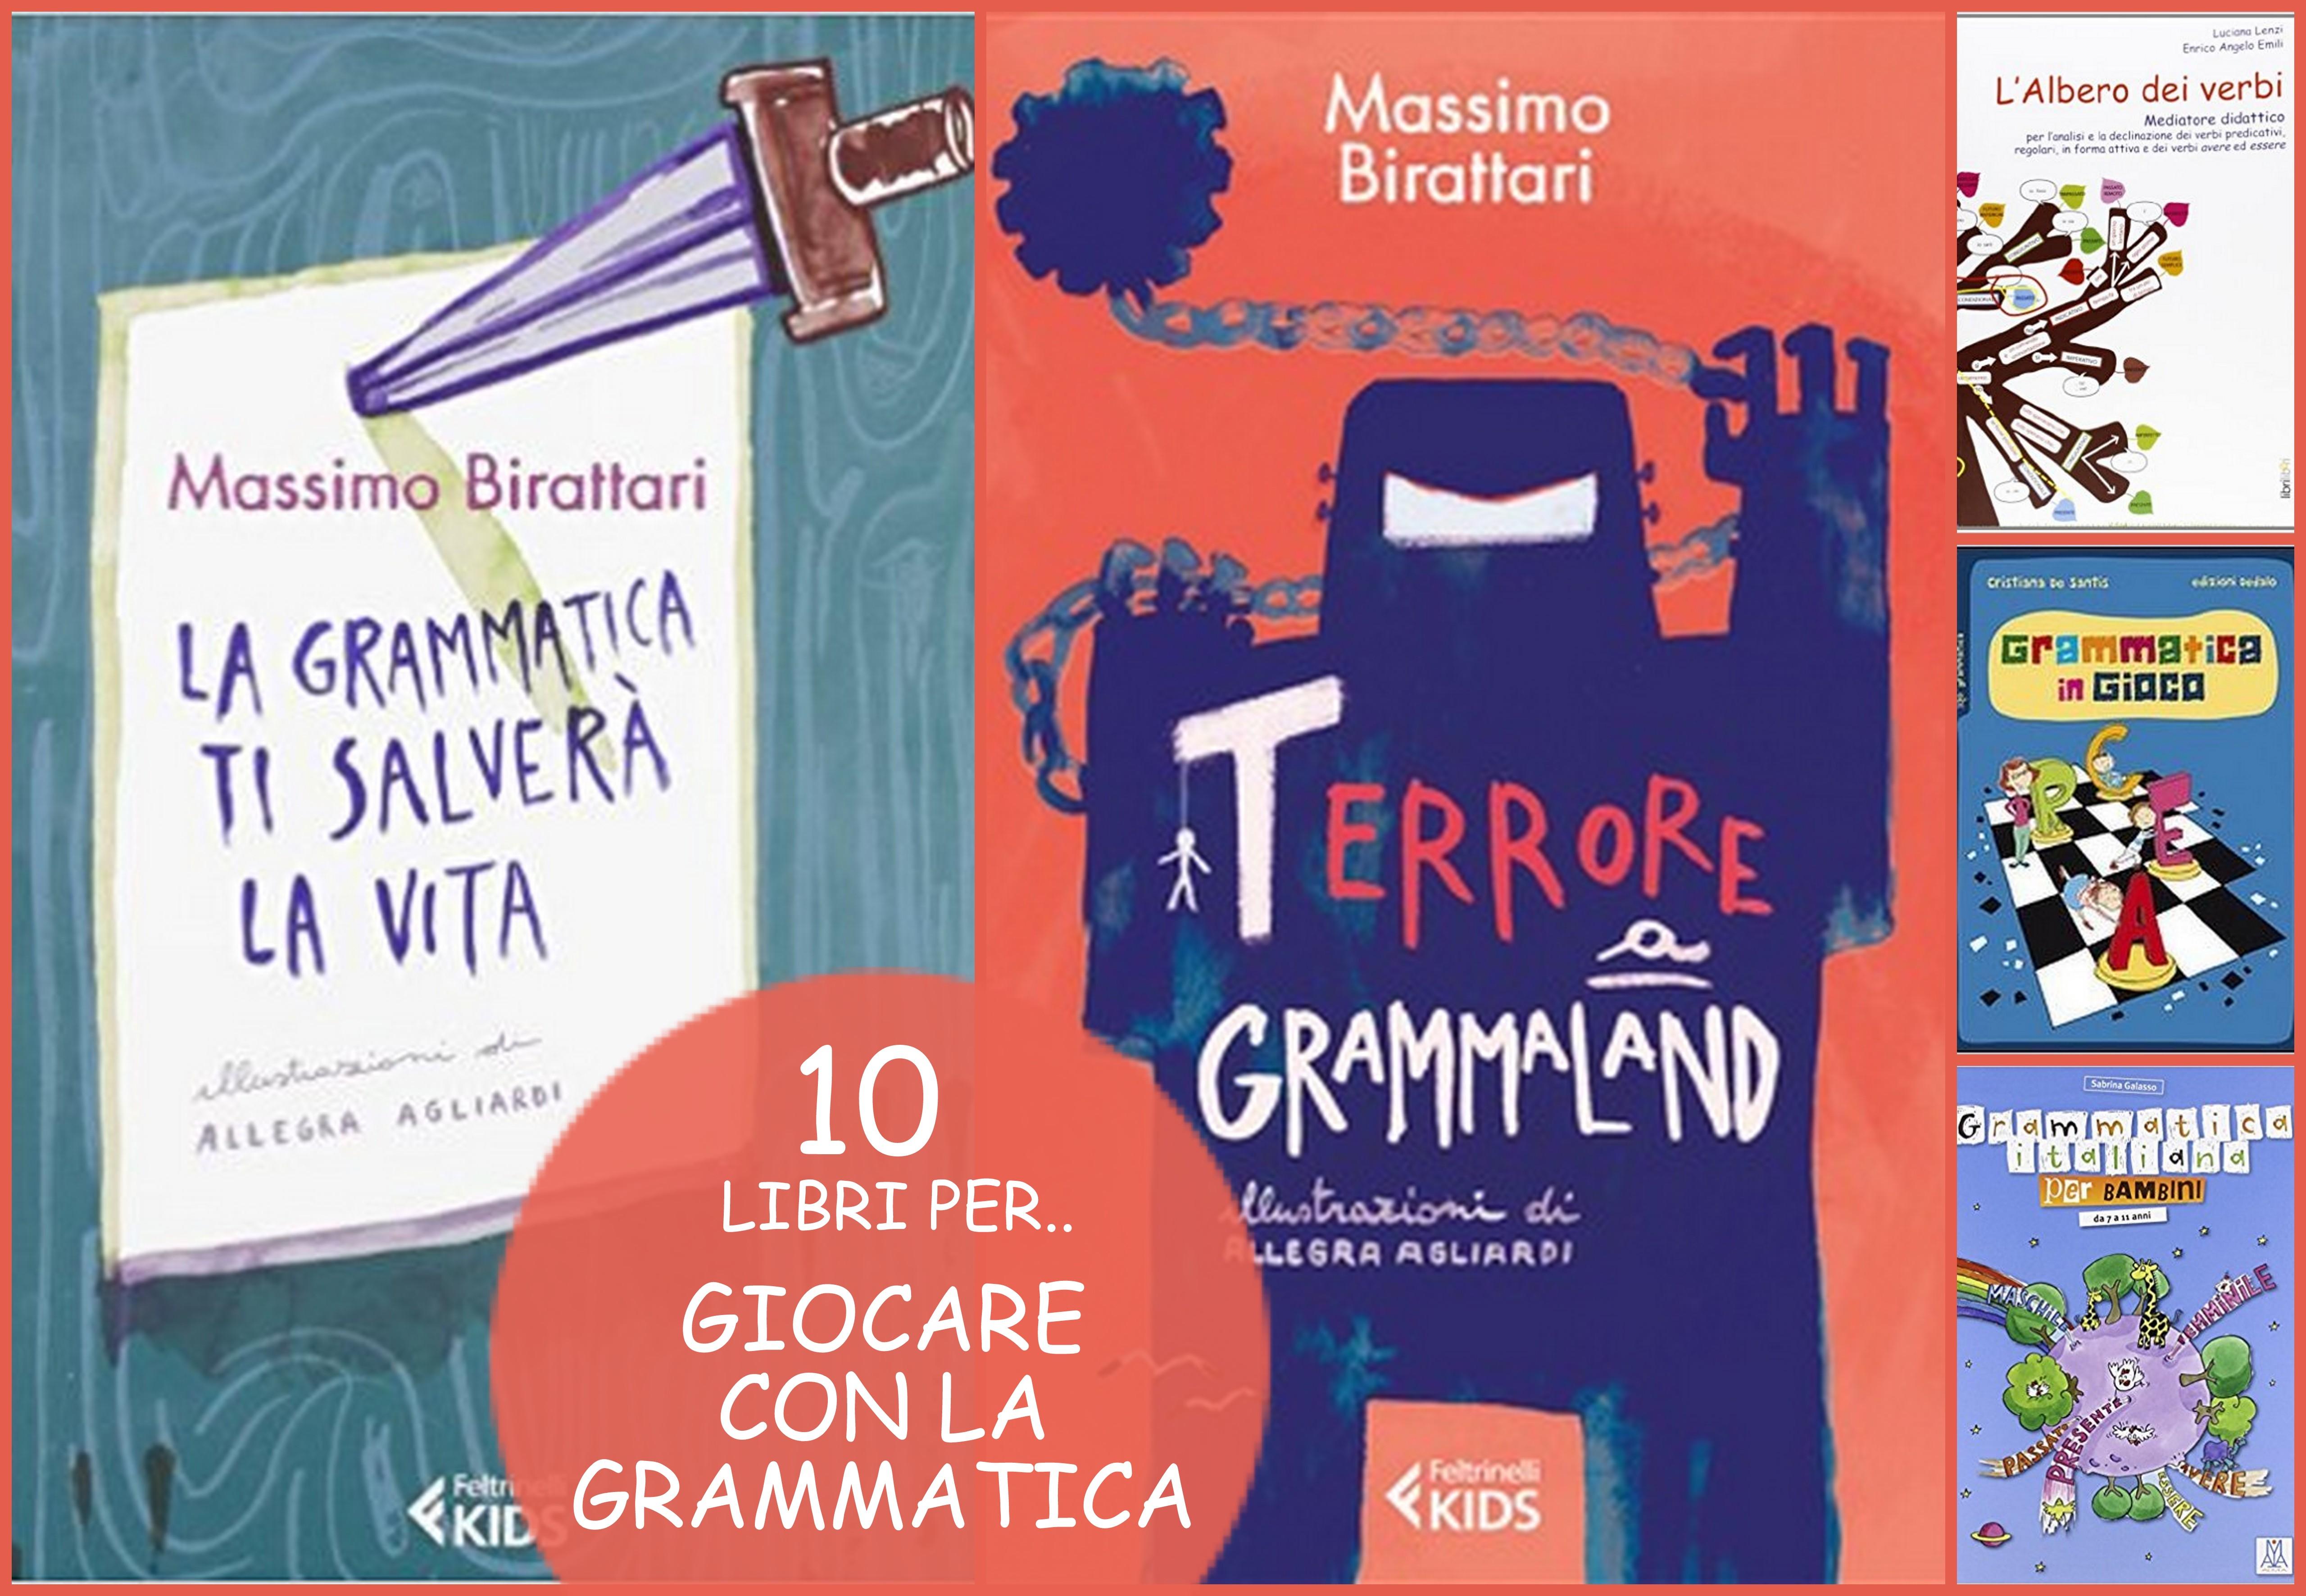 10 libri per grammatica divertente bambini